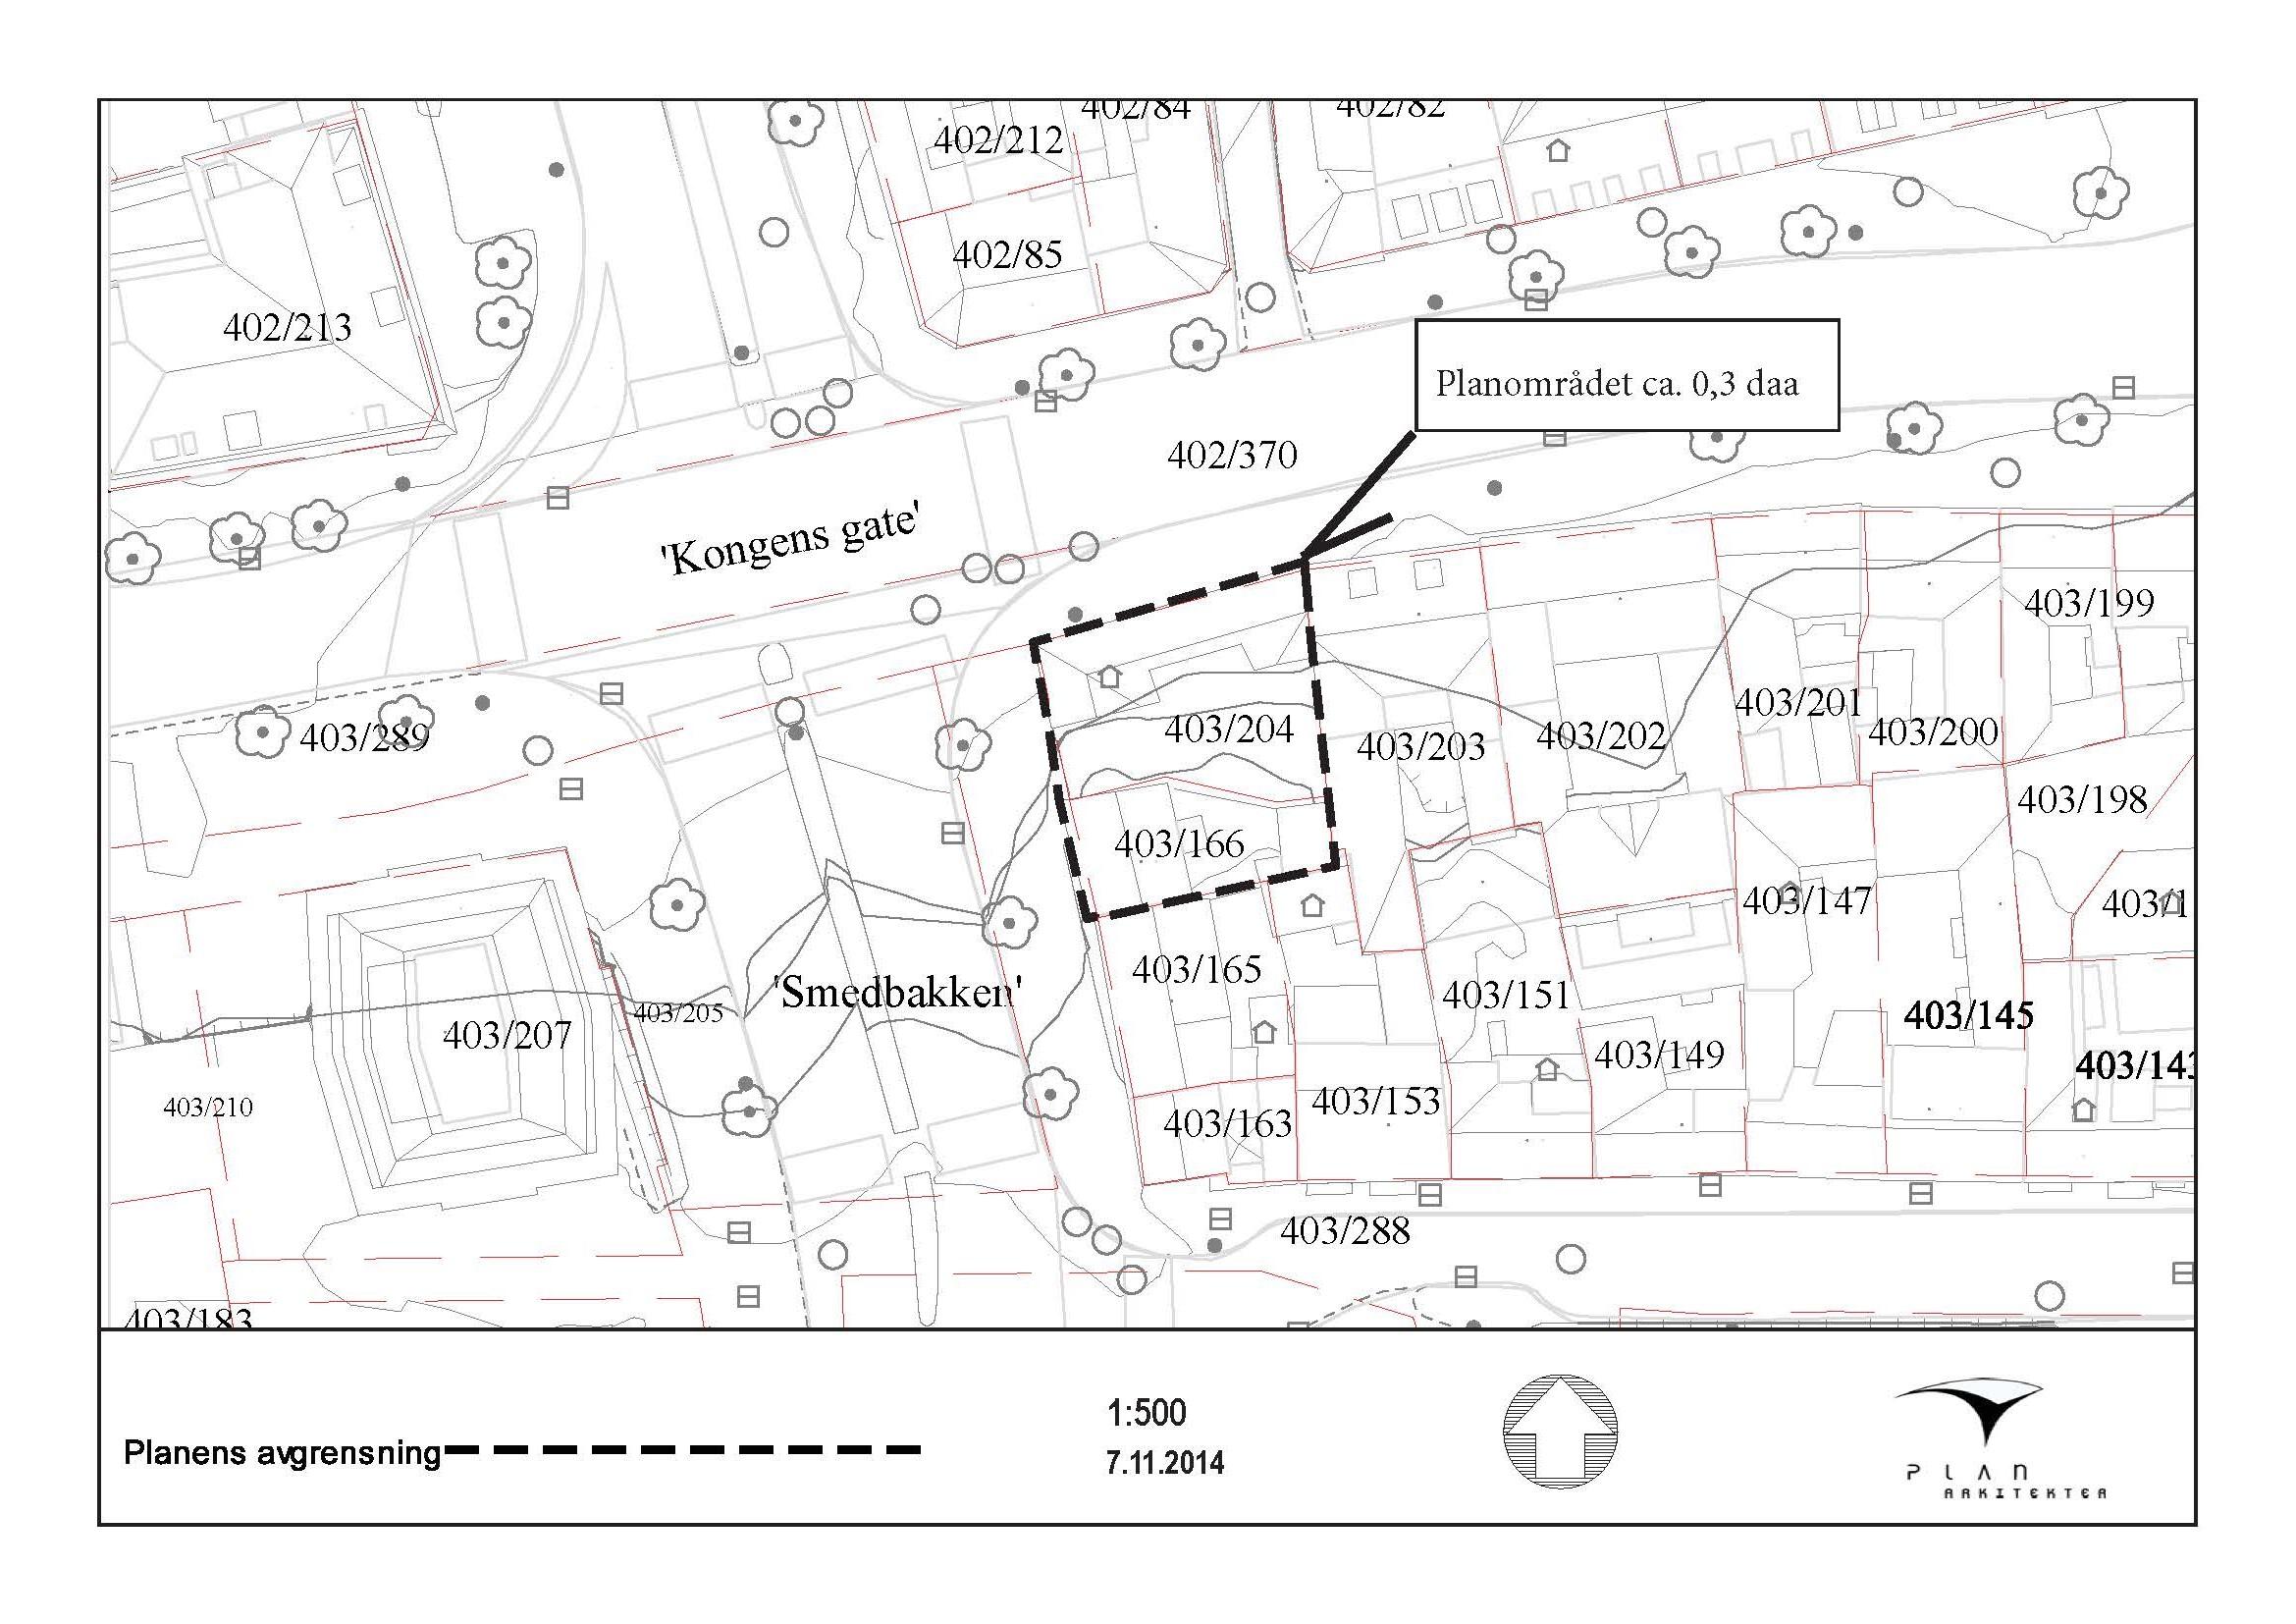 Varsel om oppstart av reguleringsarbeid for Kongens gate 43, gnr/bnr. 403/204 og 403/166, i Trondheim kommune